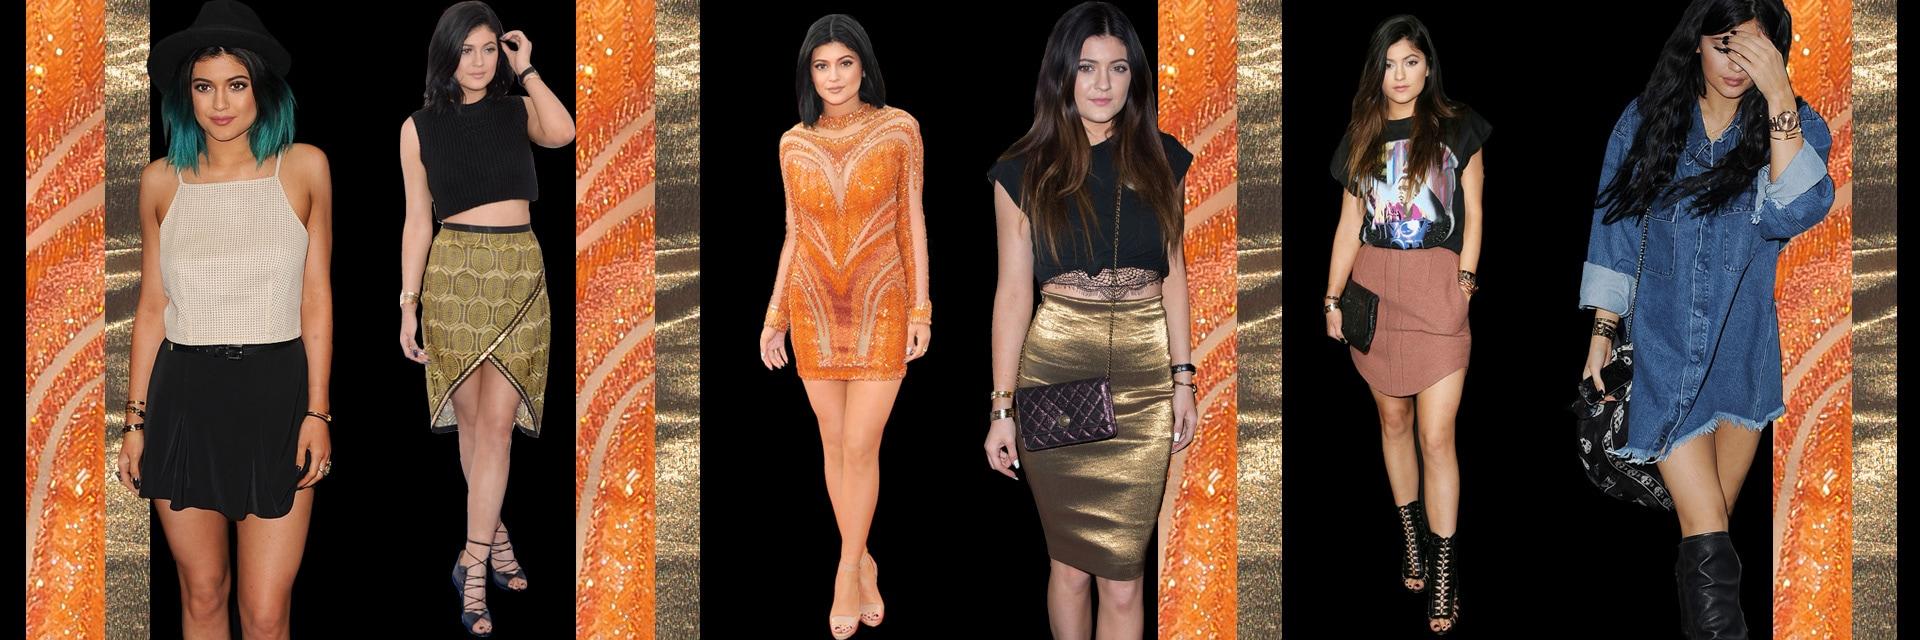 Kylie Jenner fashion icon dai due volti: la preferite grunge o chic?